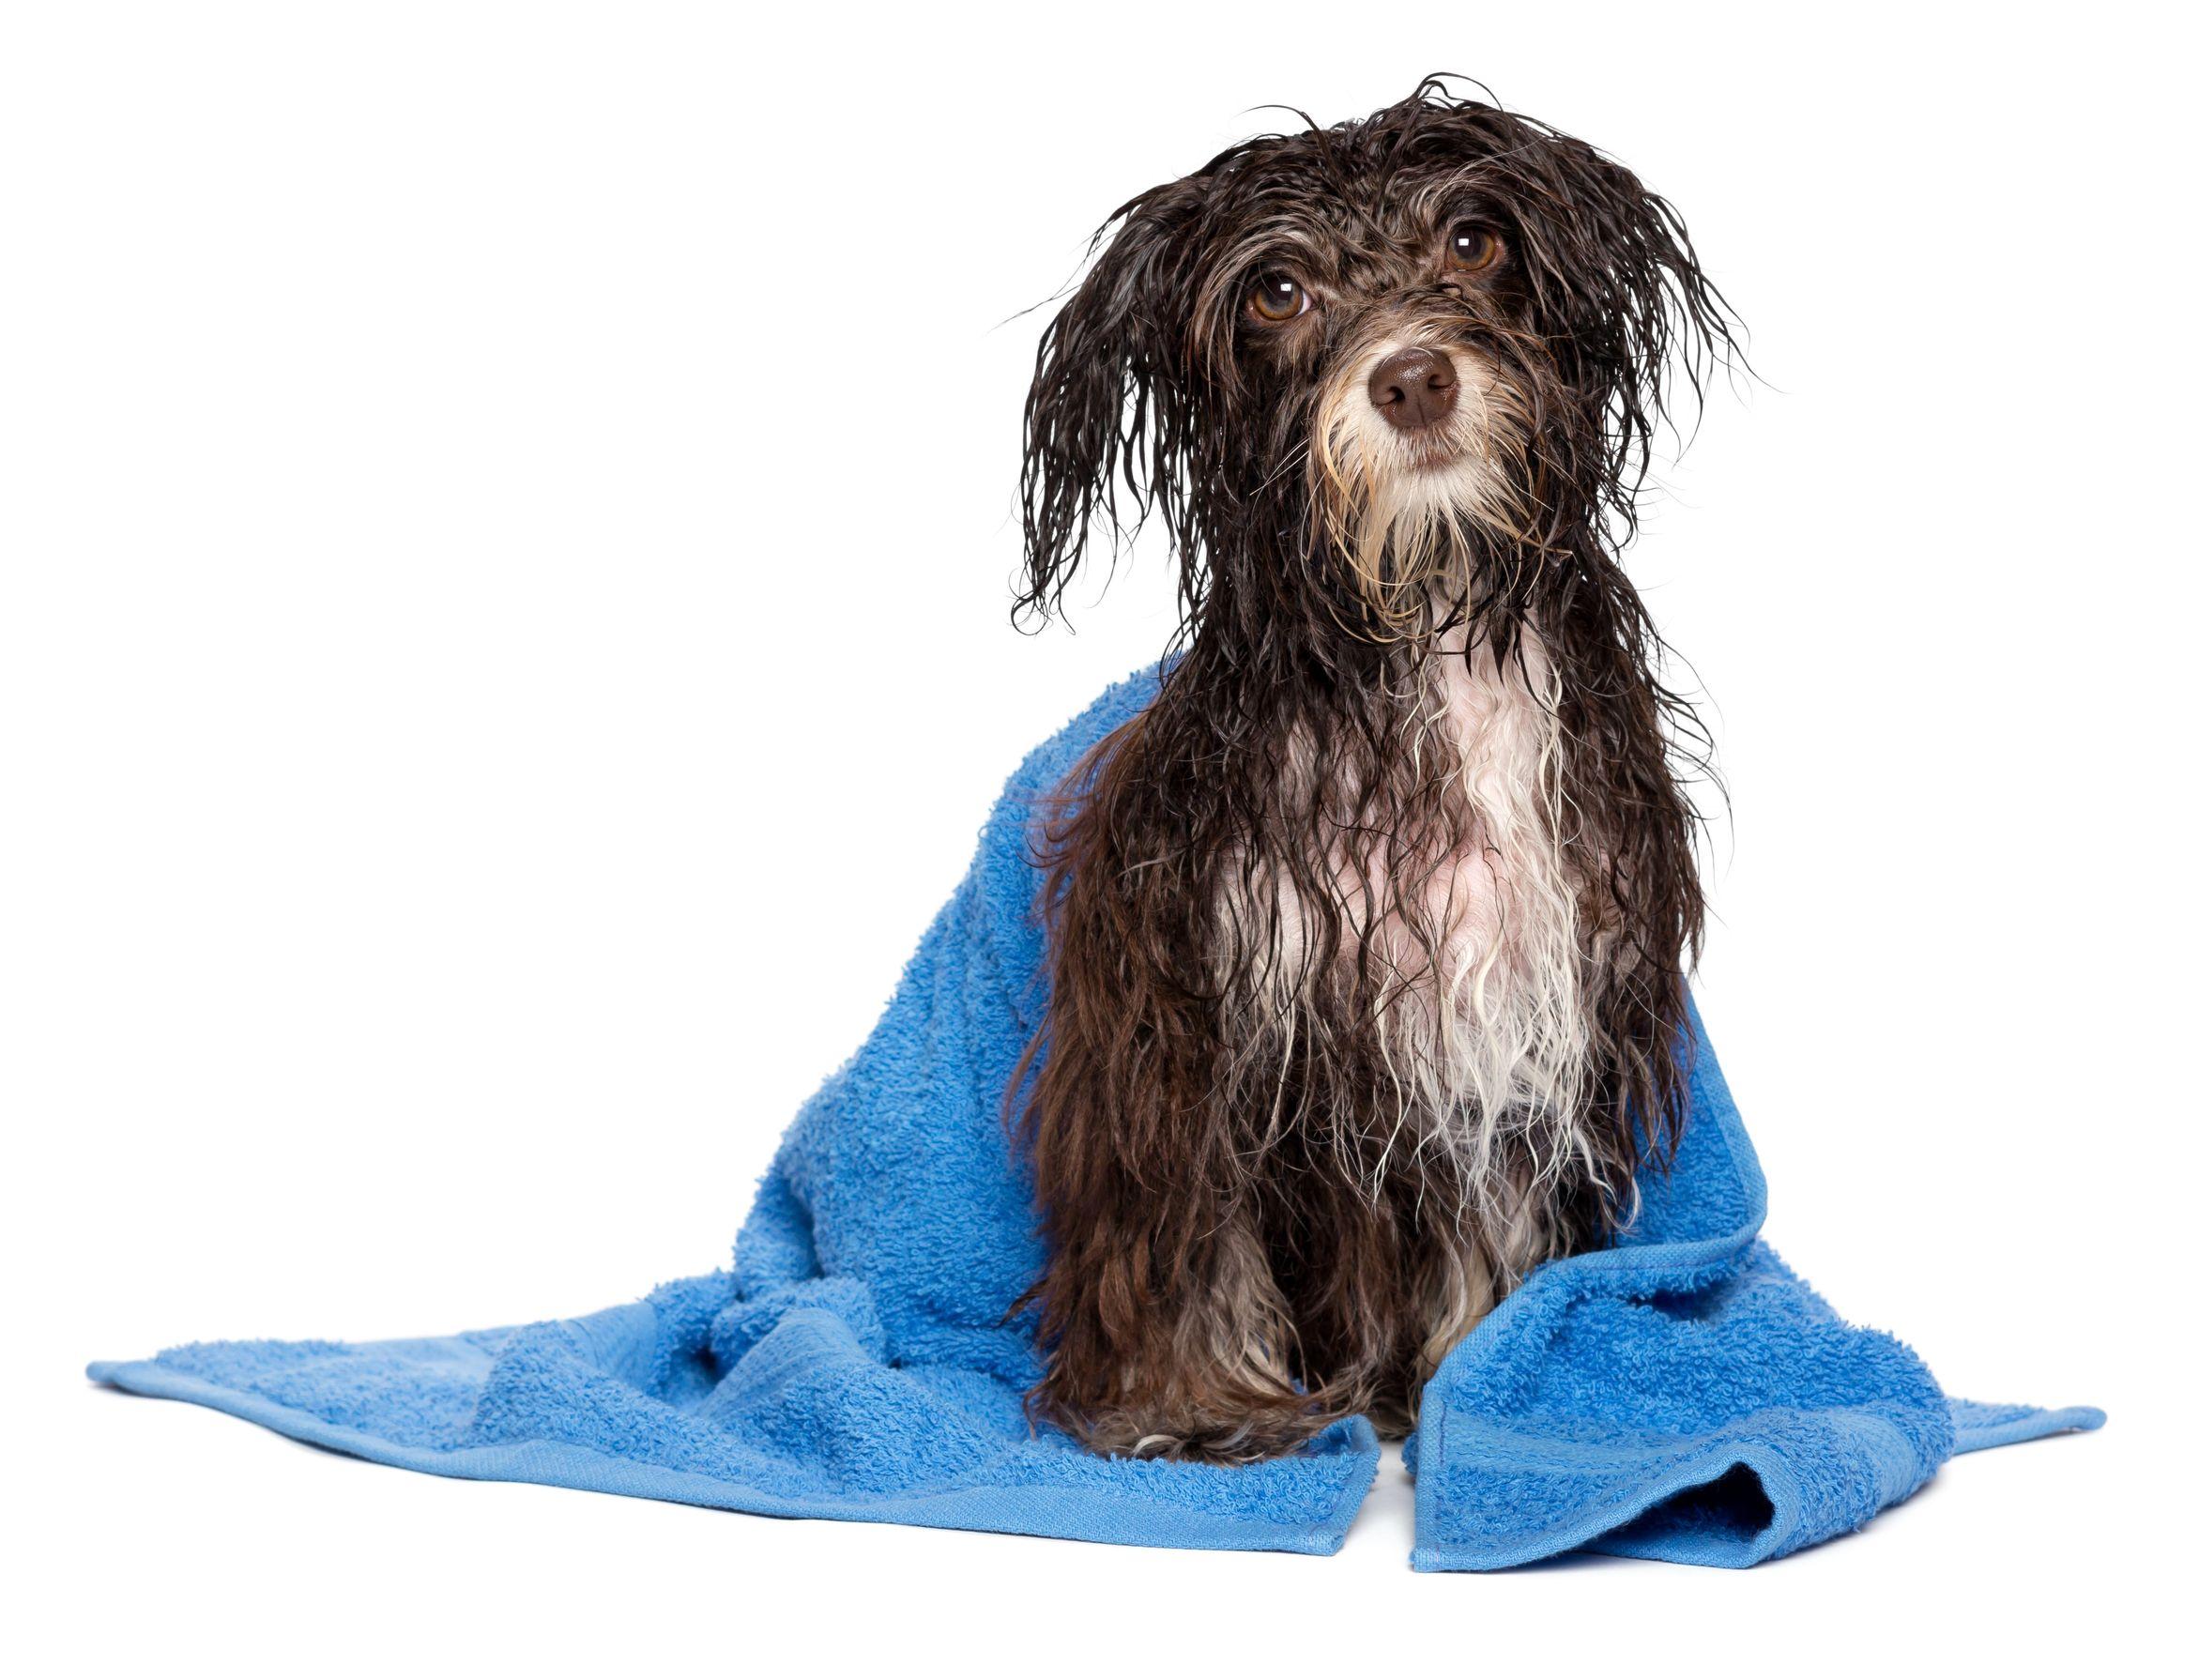 b2eb75f63870 Las altas temperaturas del período estival pueden afectar negativamente a  la salud de los perros. Al no poder transpirar, los canes están muy  expuestos en ...